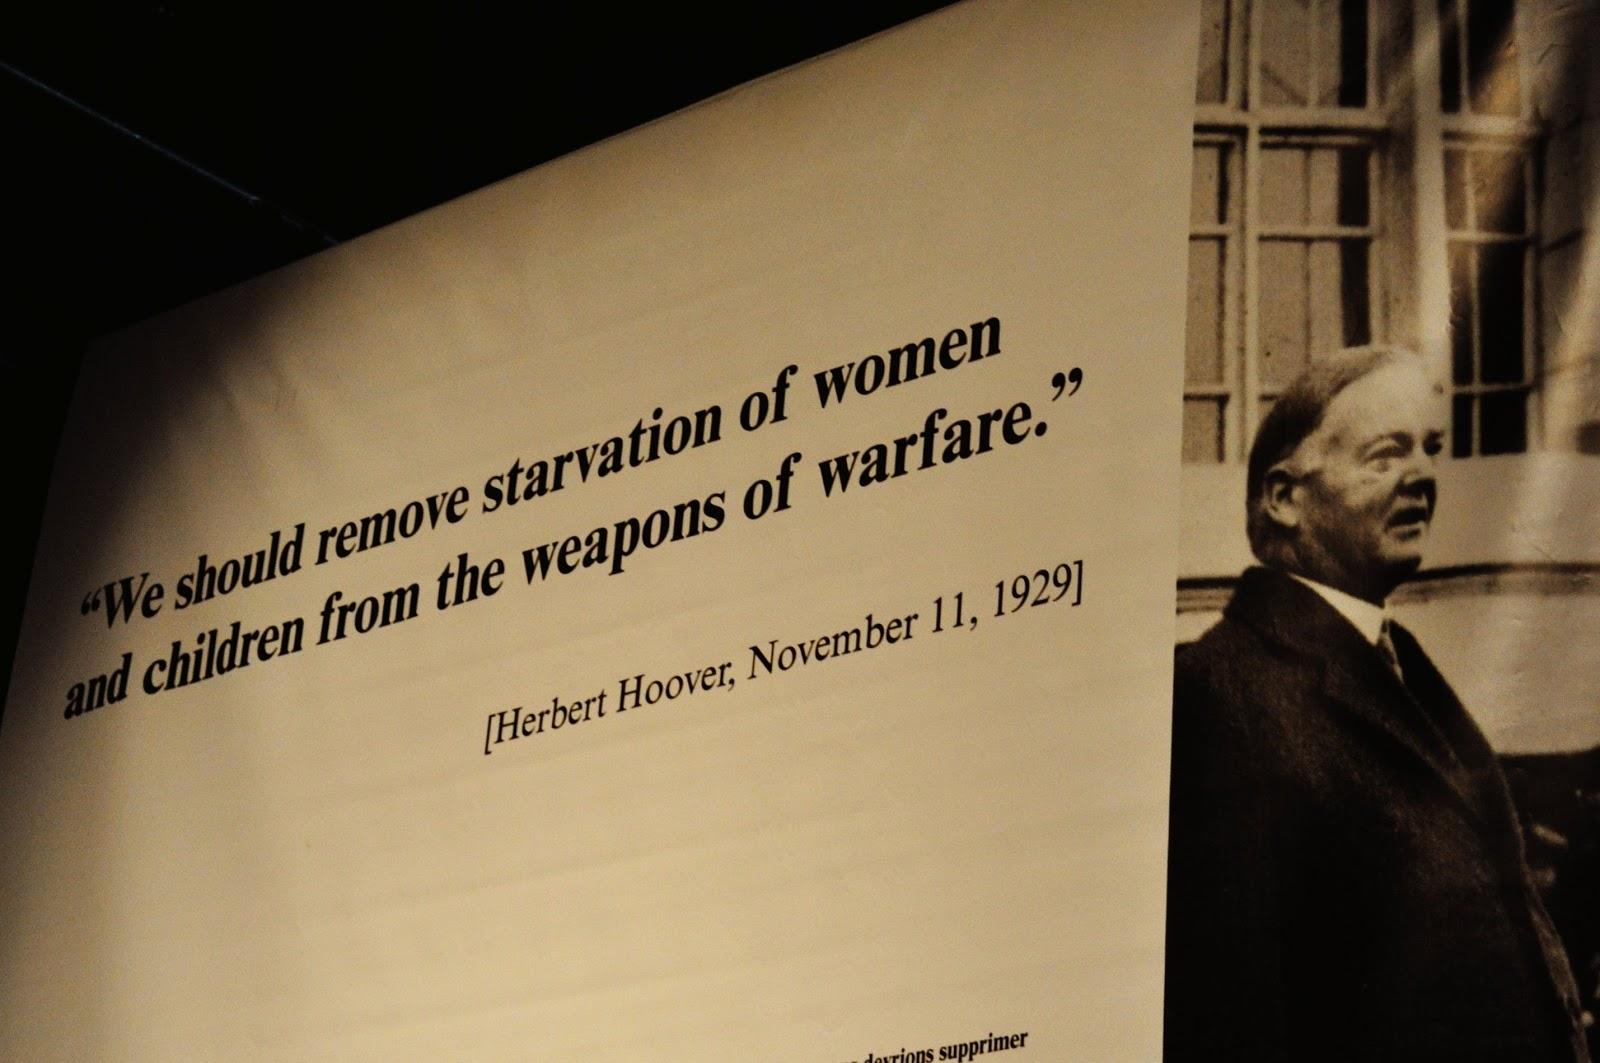 herbert hoover quotes on war quotesgram